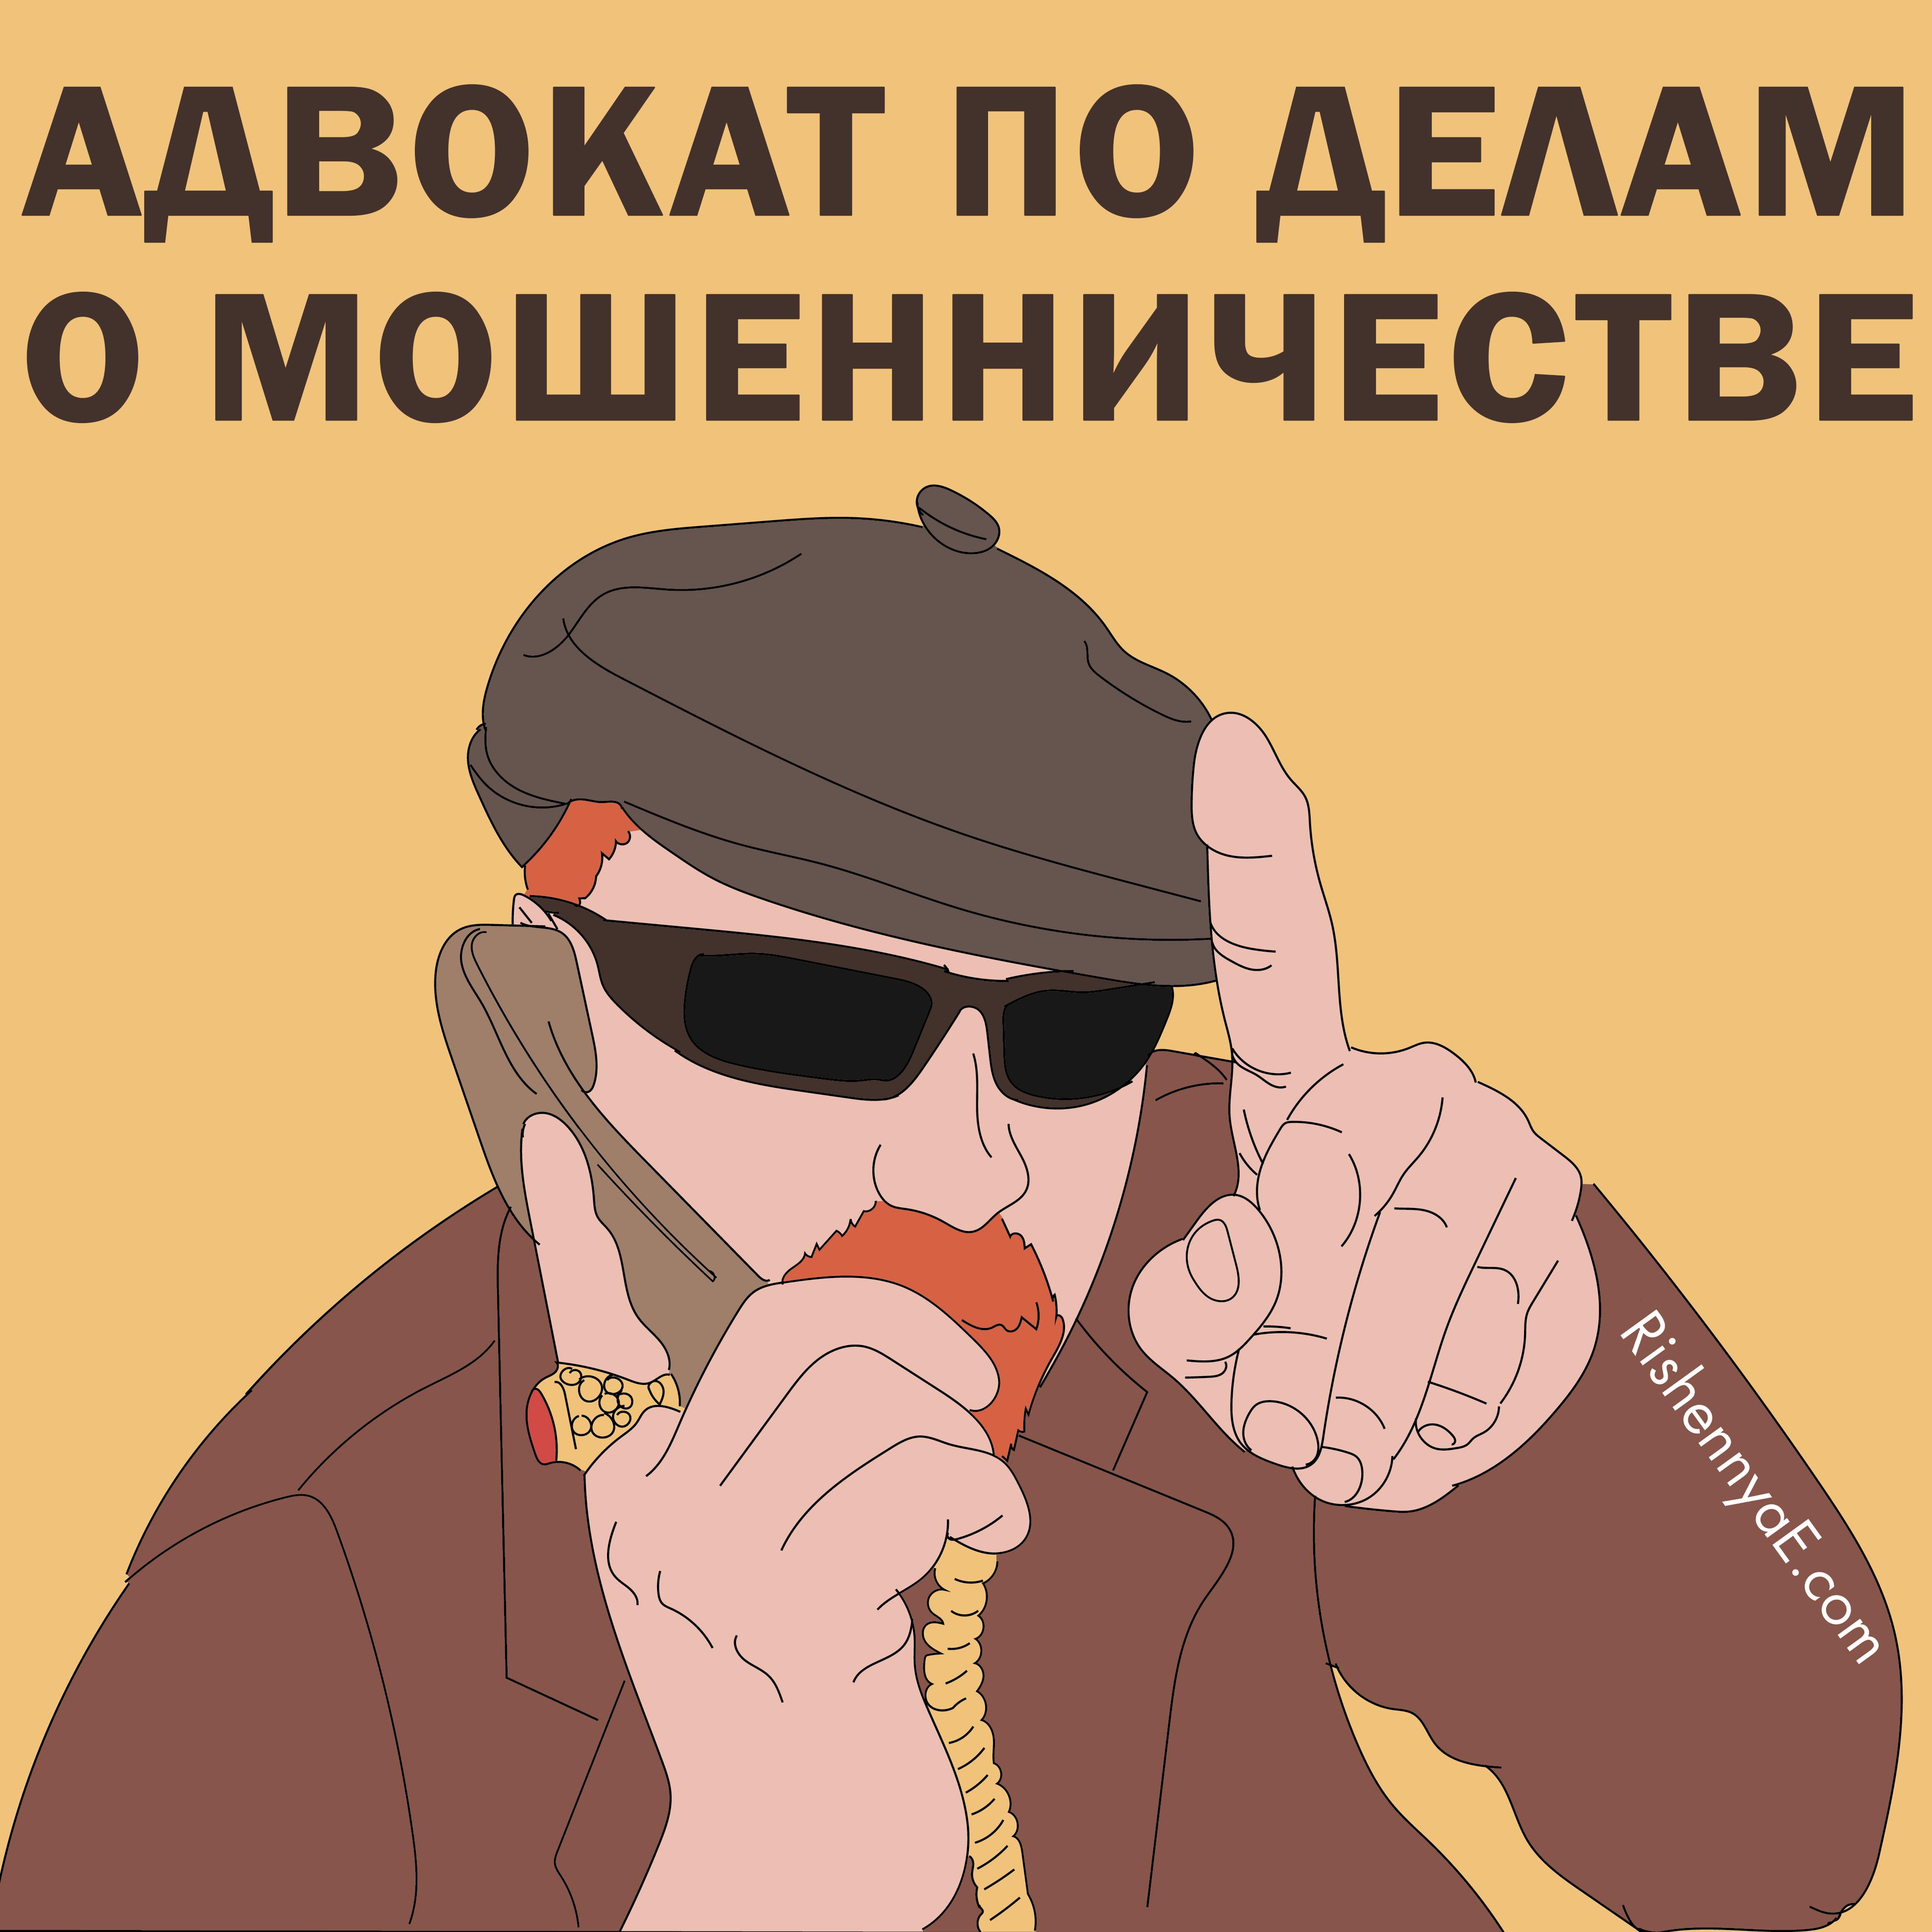 Адвокат по делам о мошенничестве http://rishennyae.com